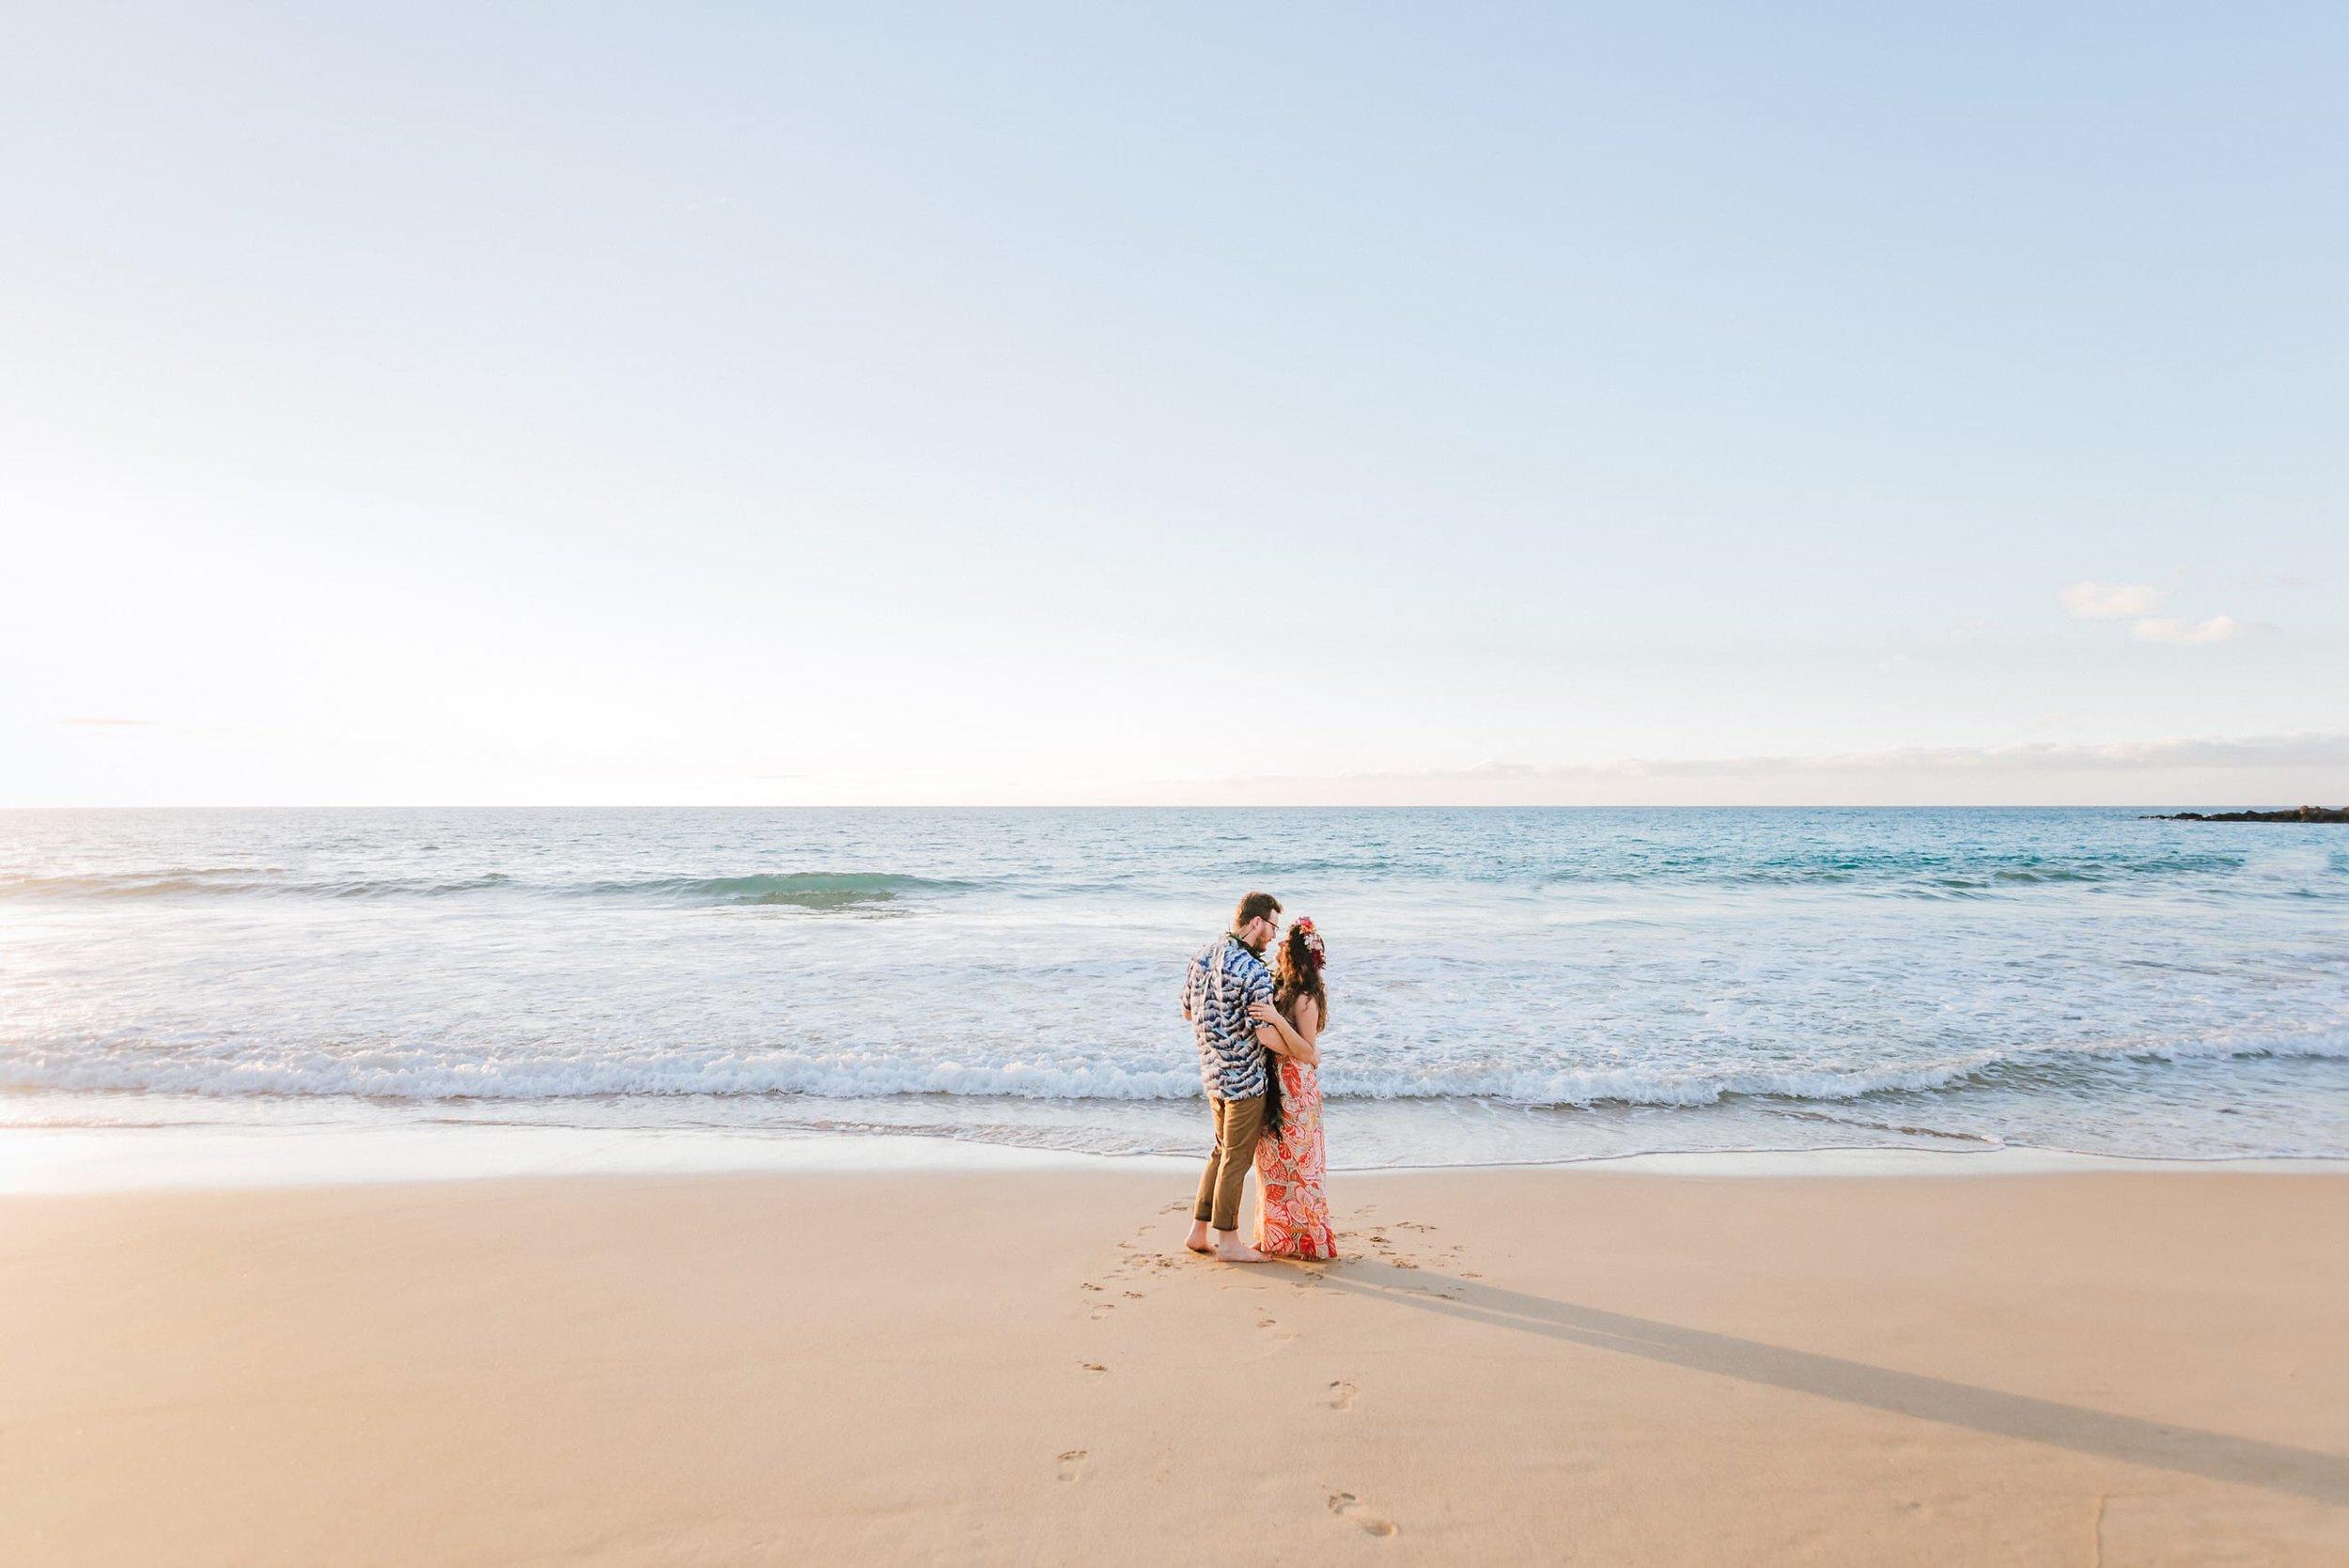 Big-Island-Photographer-Maternity-Babymoon-Hawaii-1.jpg